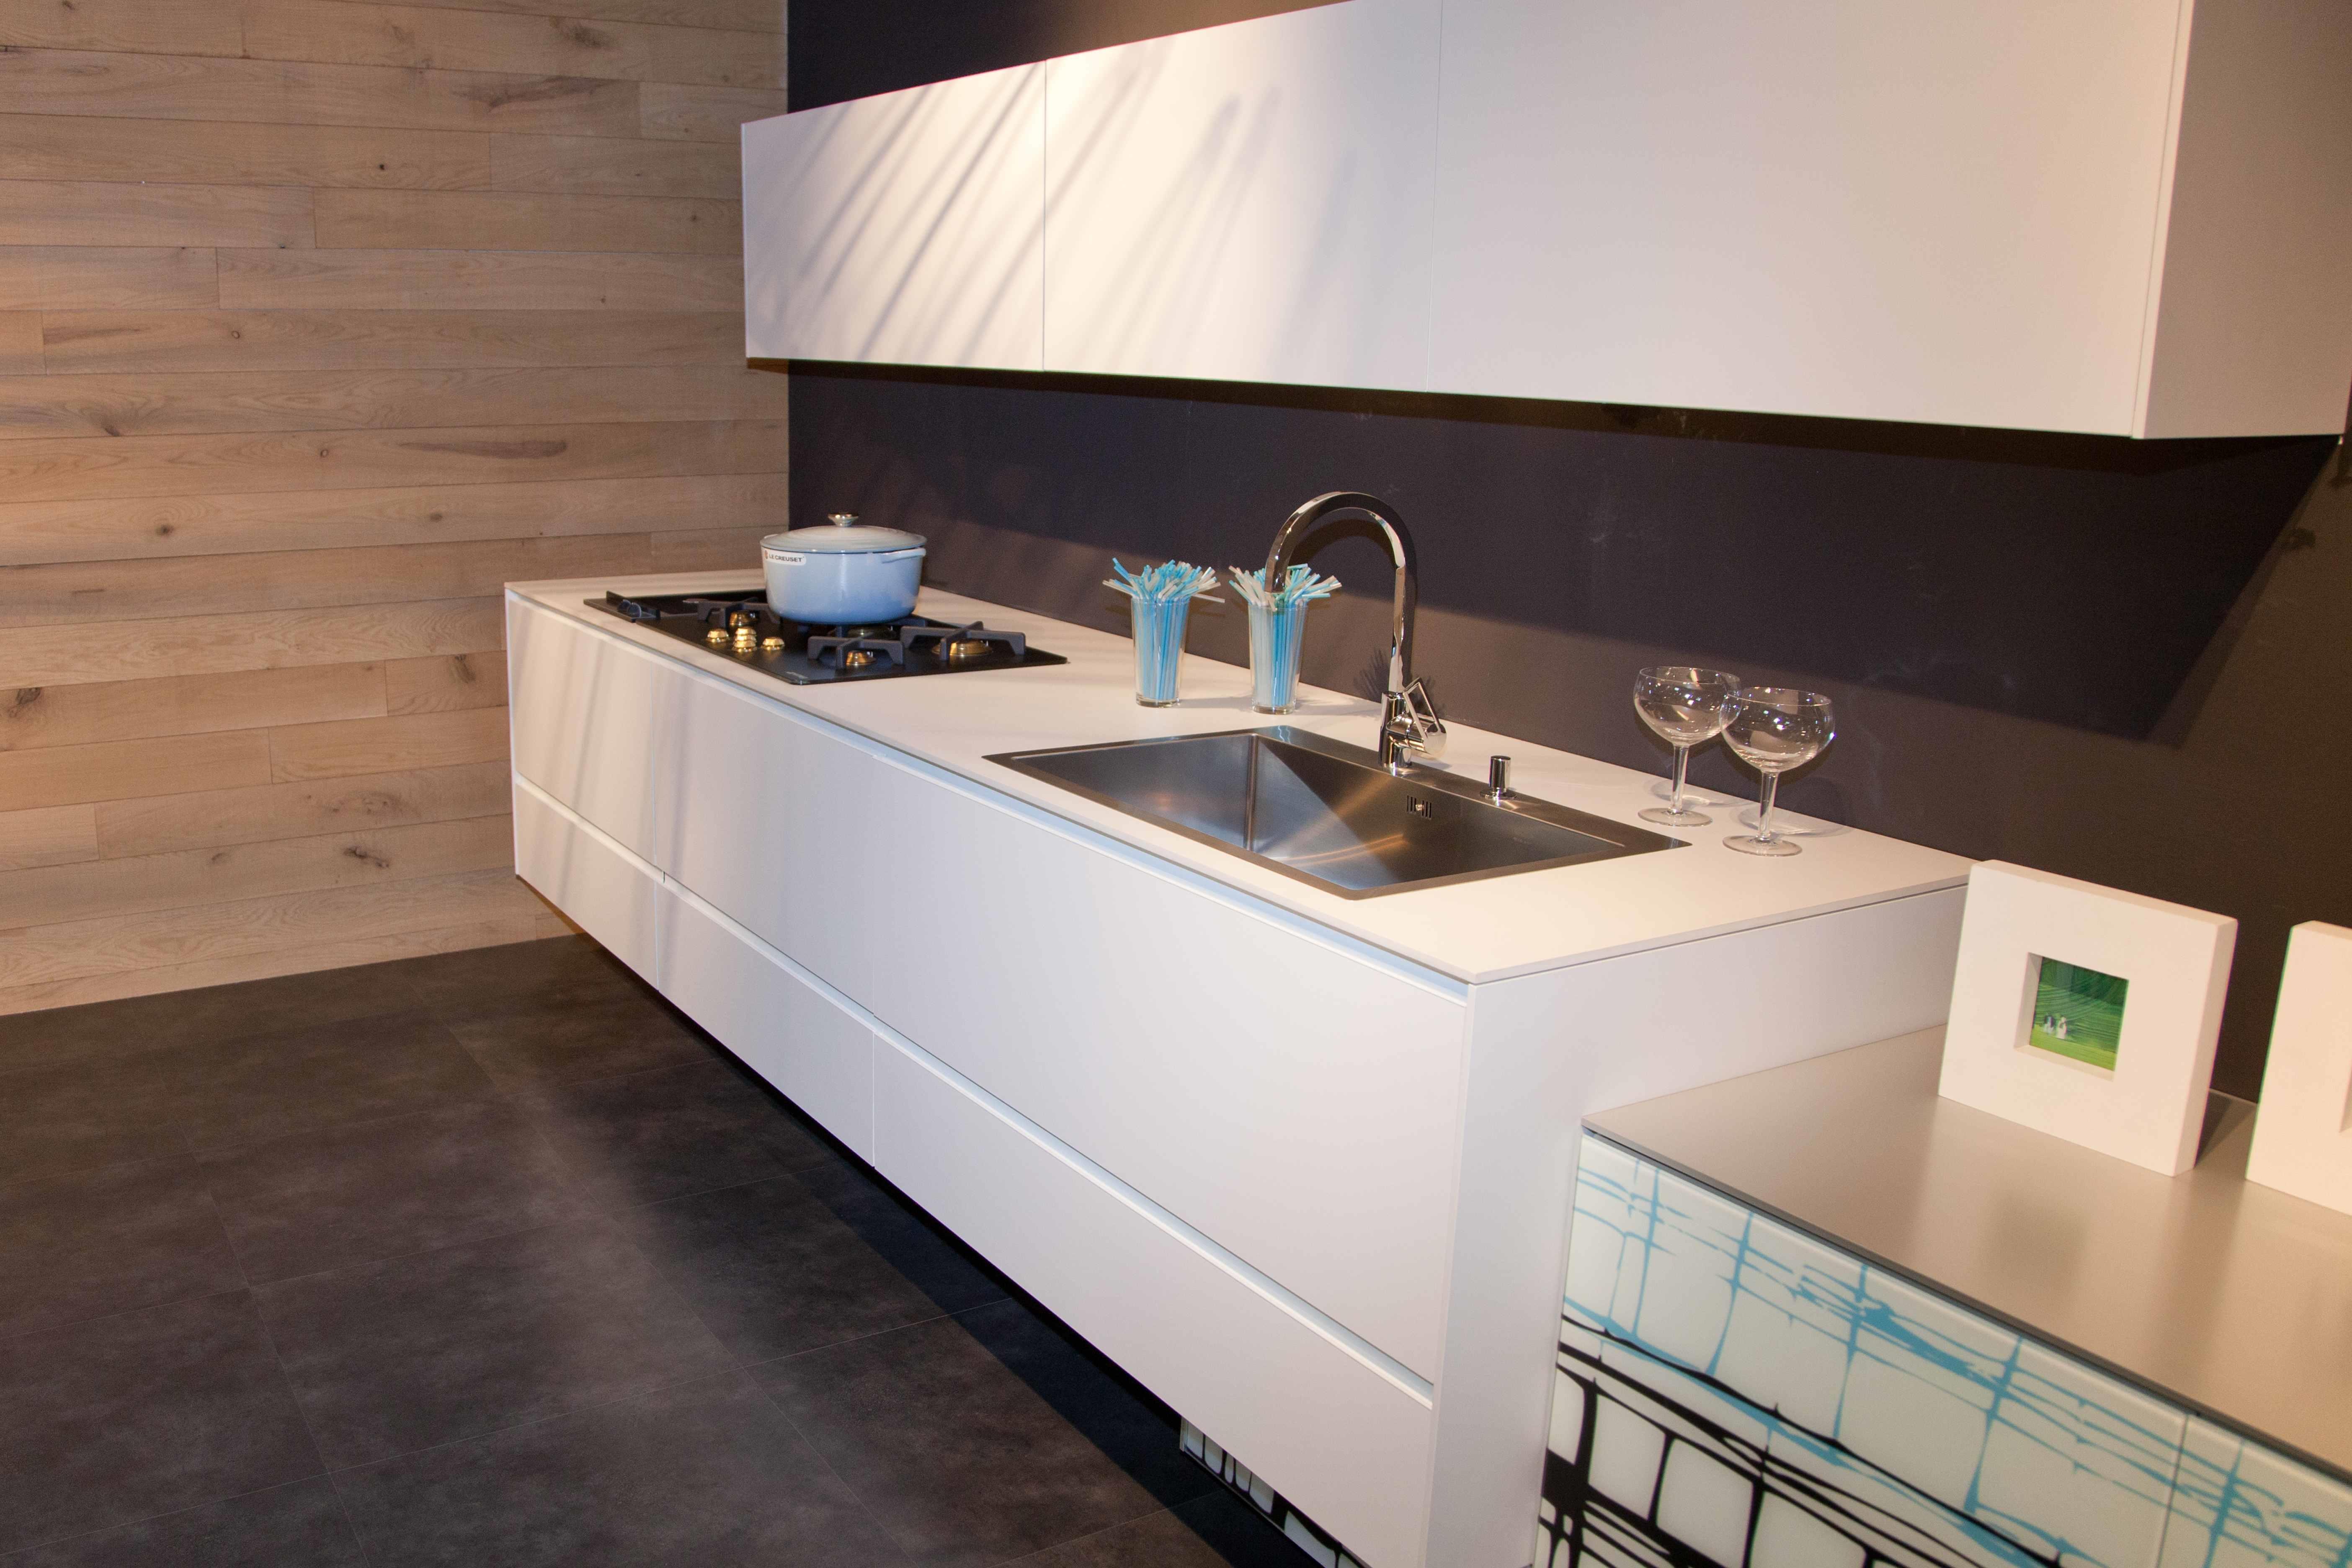 Valcucine cucina riciclantica laminato full color grigio e bianco moderna laminato opaco bianca - Top laminato cucina ...